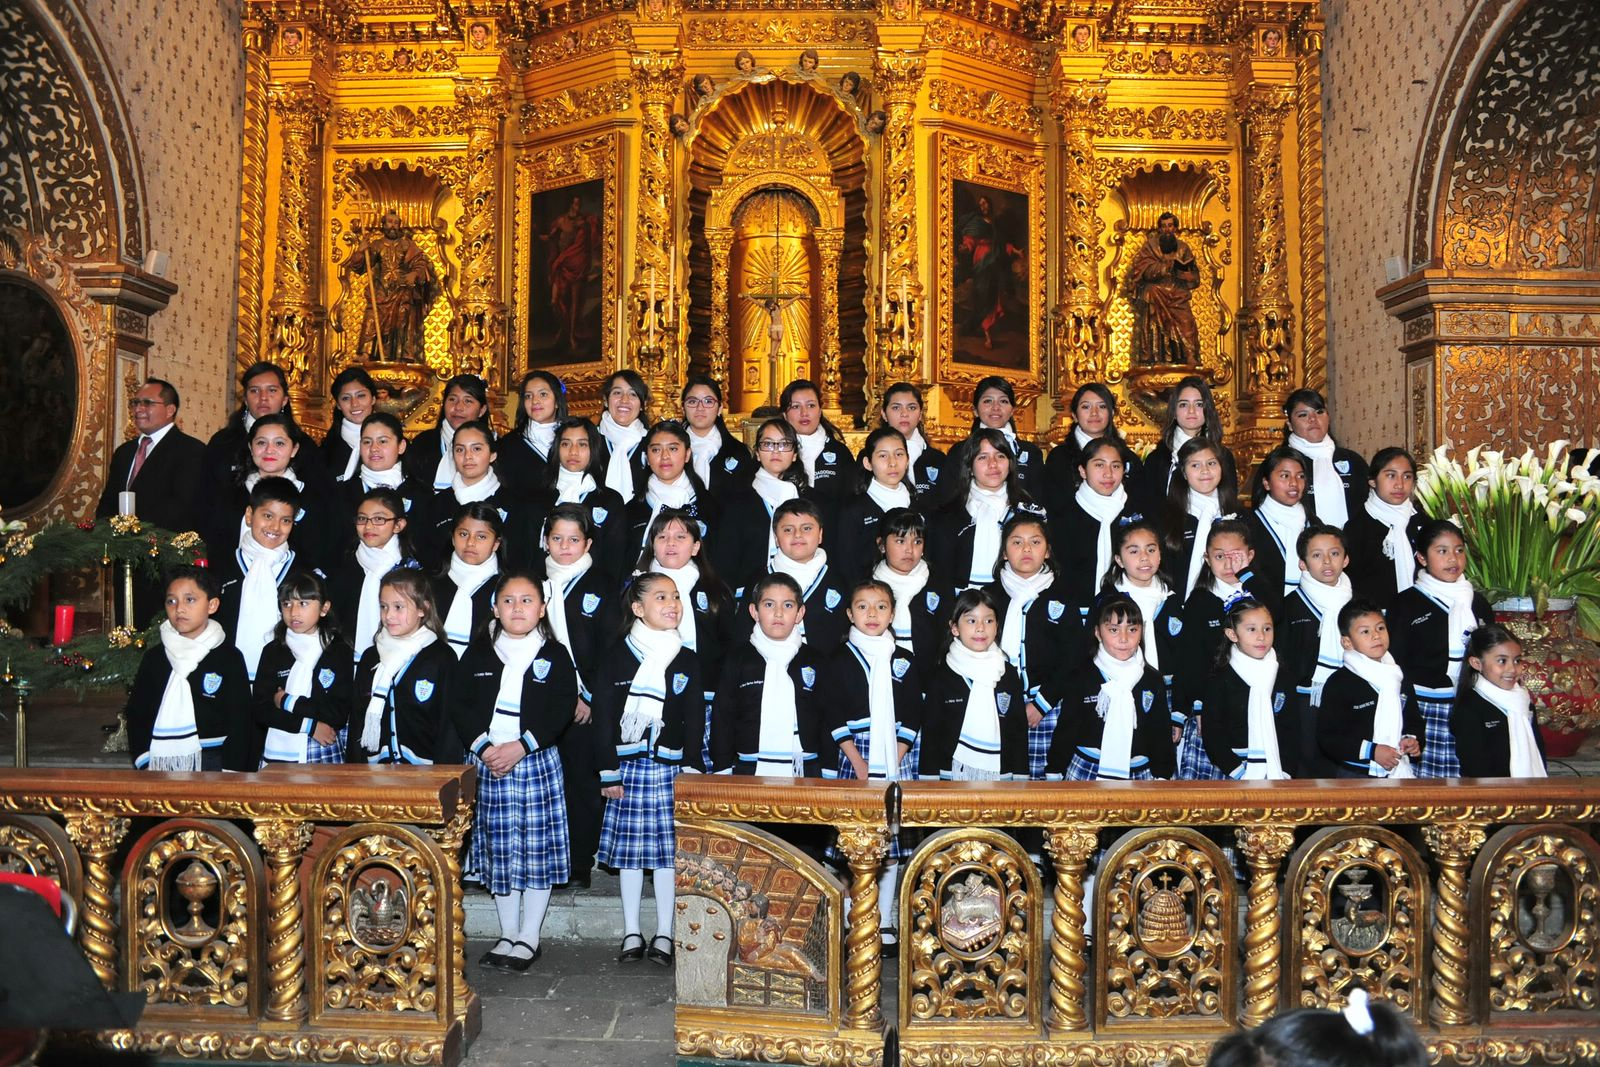 Coro de Voces del Instituto Pedagógico Profra. Margarita Aguilar Díaz, A.C. recibe la Navidad con Magnos Conciertos con la Orquesta Sinfónica de Oaxaca.